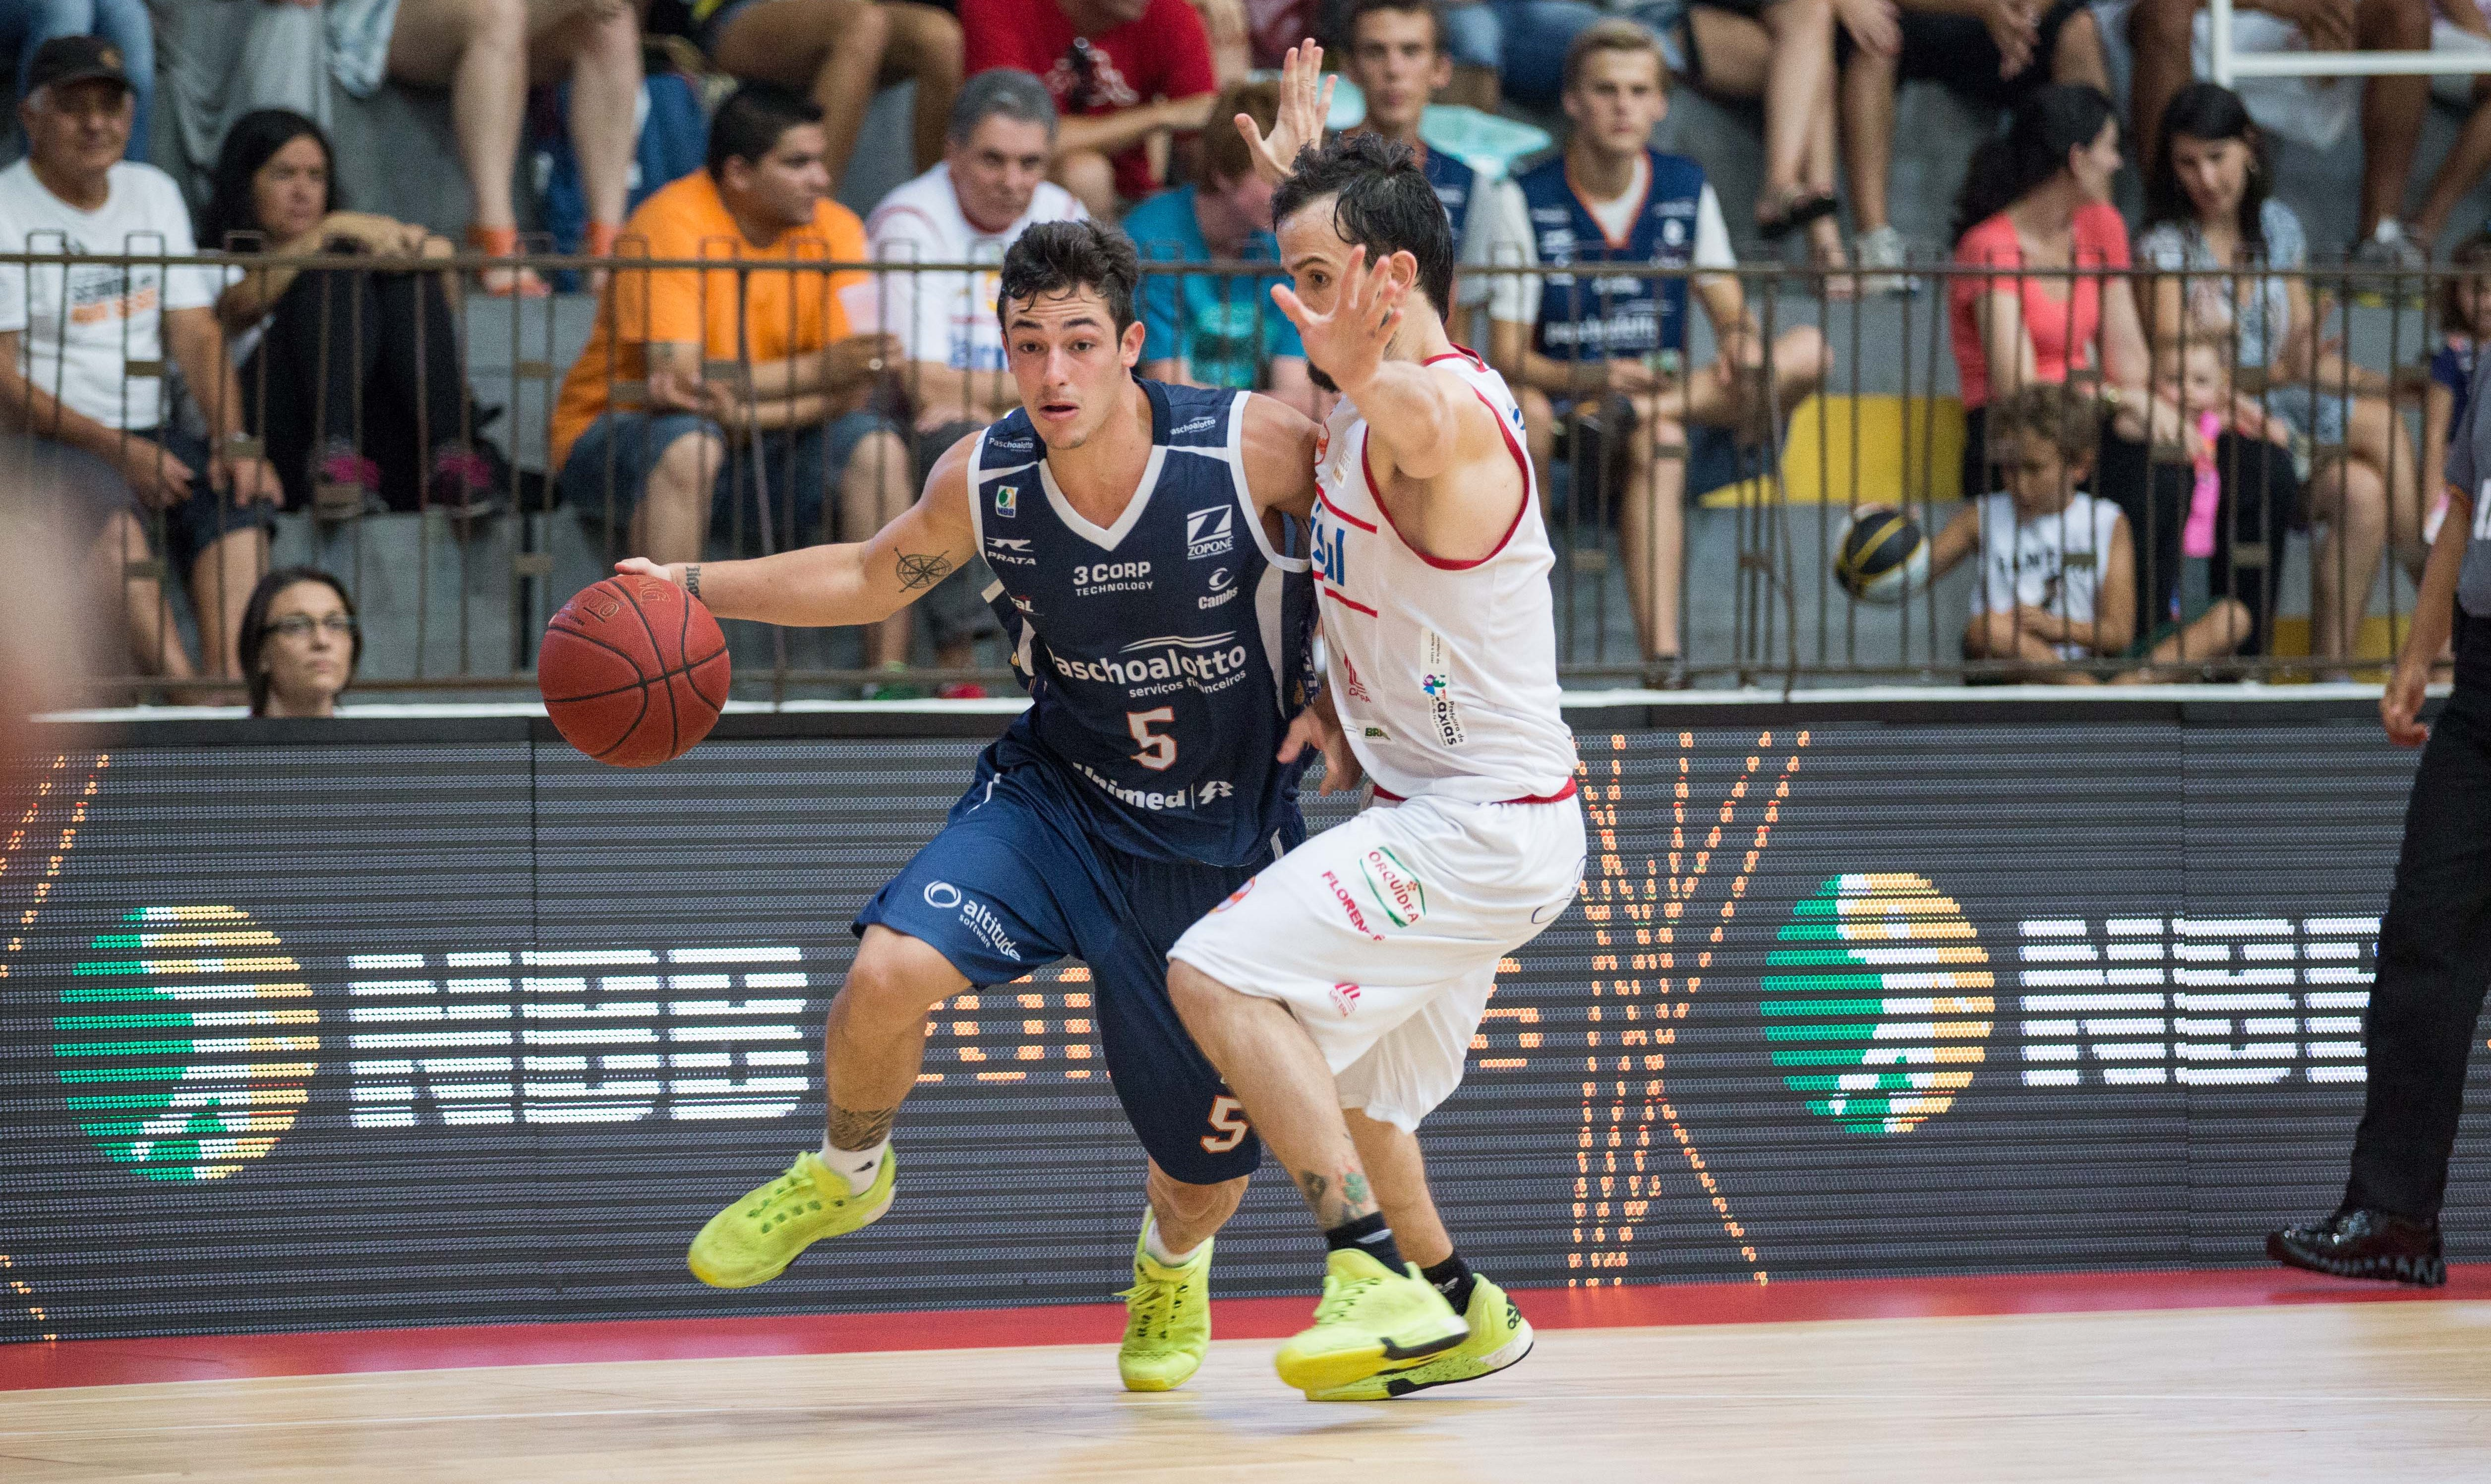 Bauru entrará em quadra embalado por 5 vitórias seguidas, a última delas sobre o Caxias (Caio Casagrande/Bauru Basket)